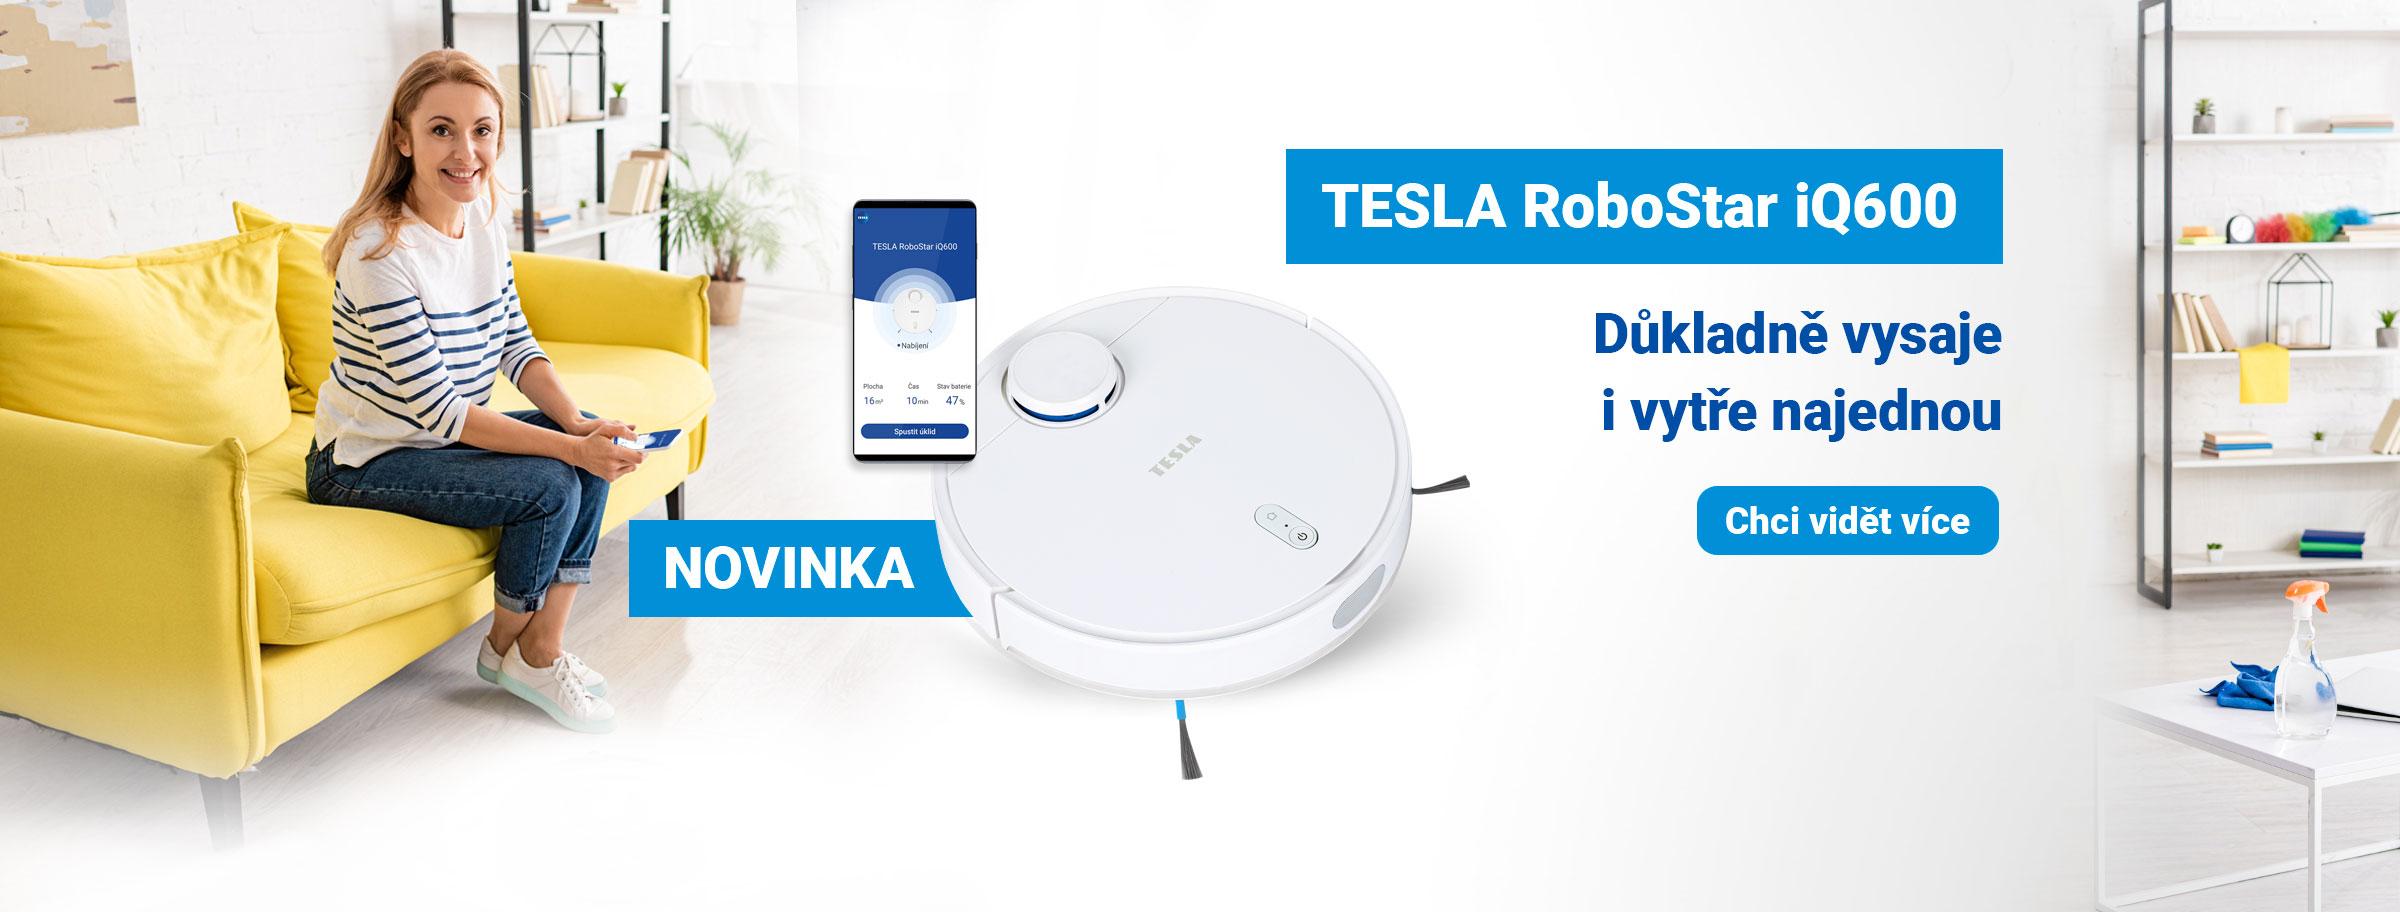 Novinka: TESLA RoboStar iQ600 - inteligentní robotický vysavač